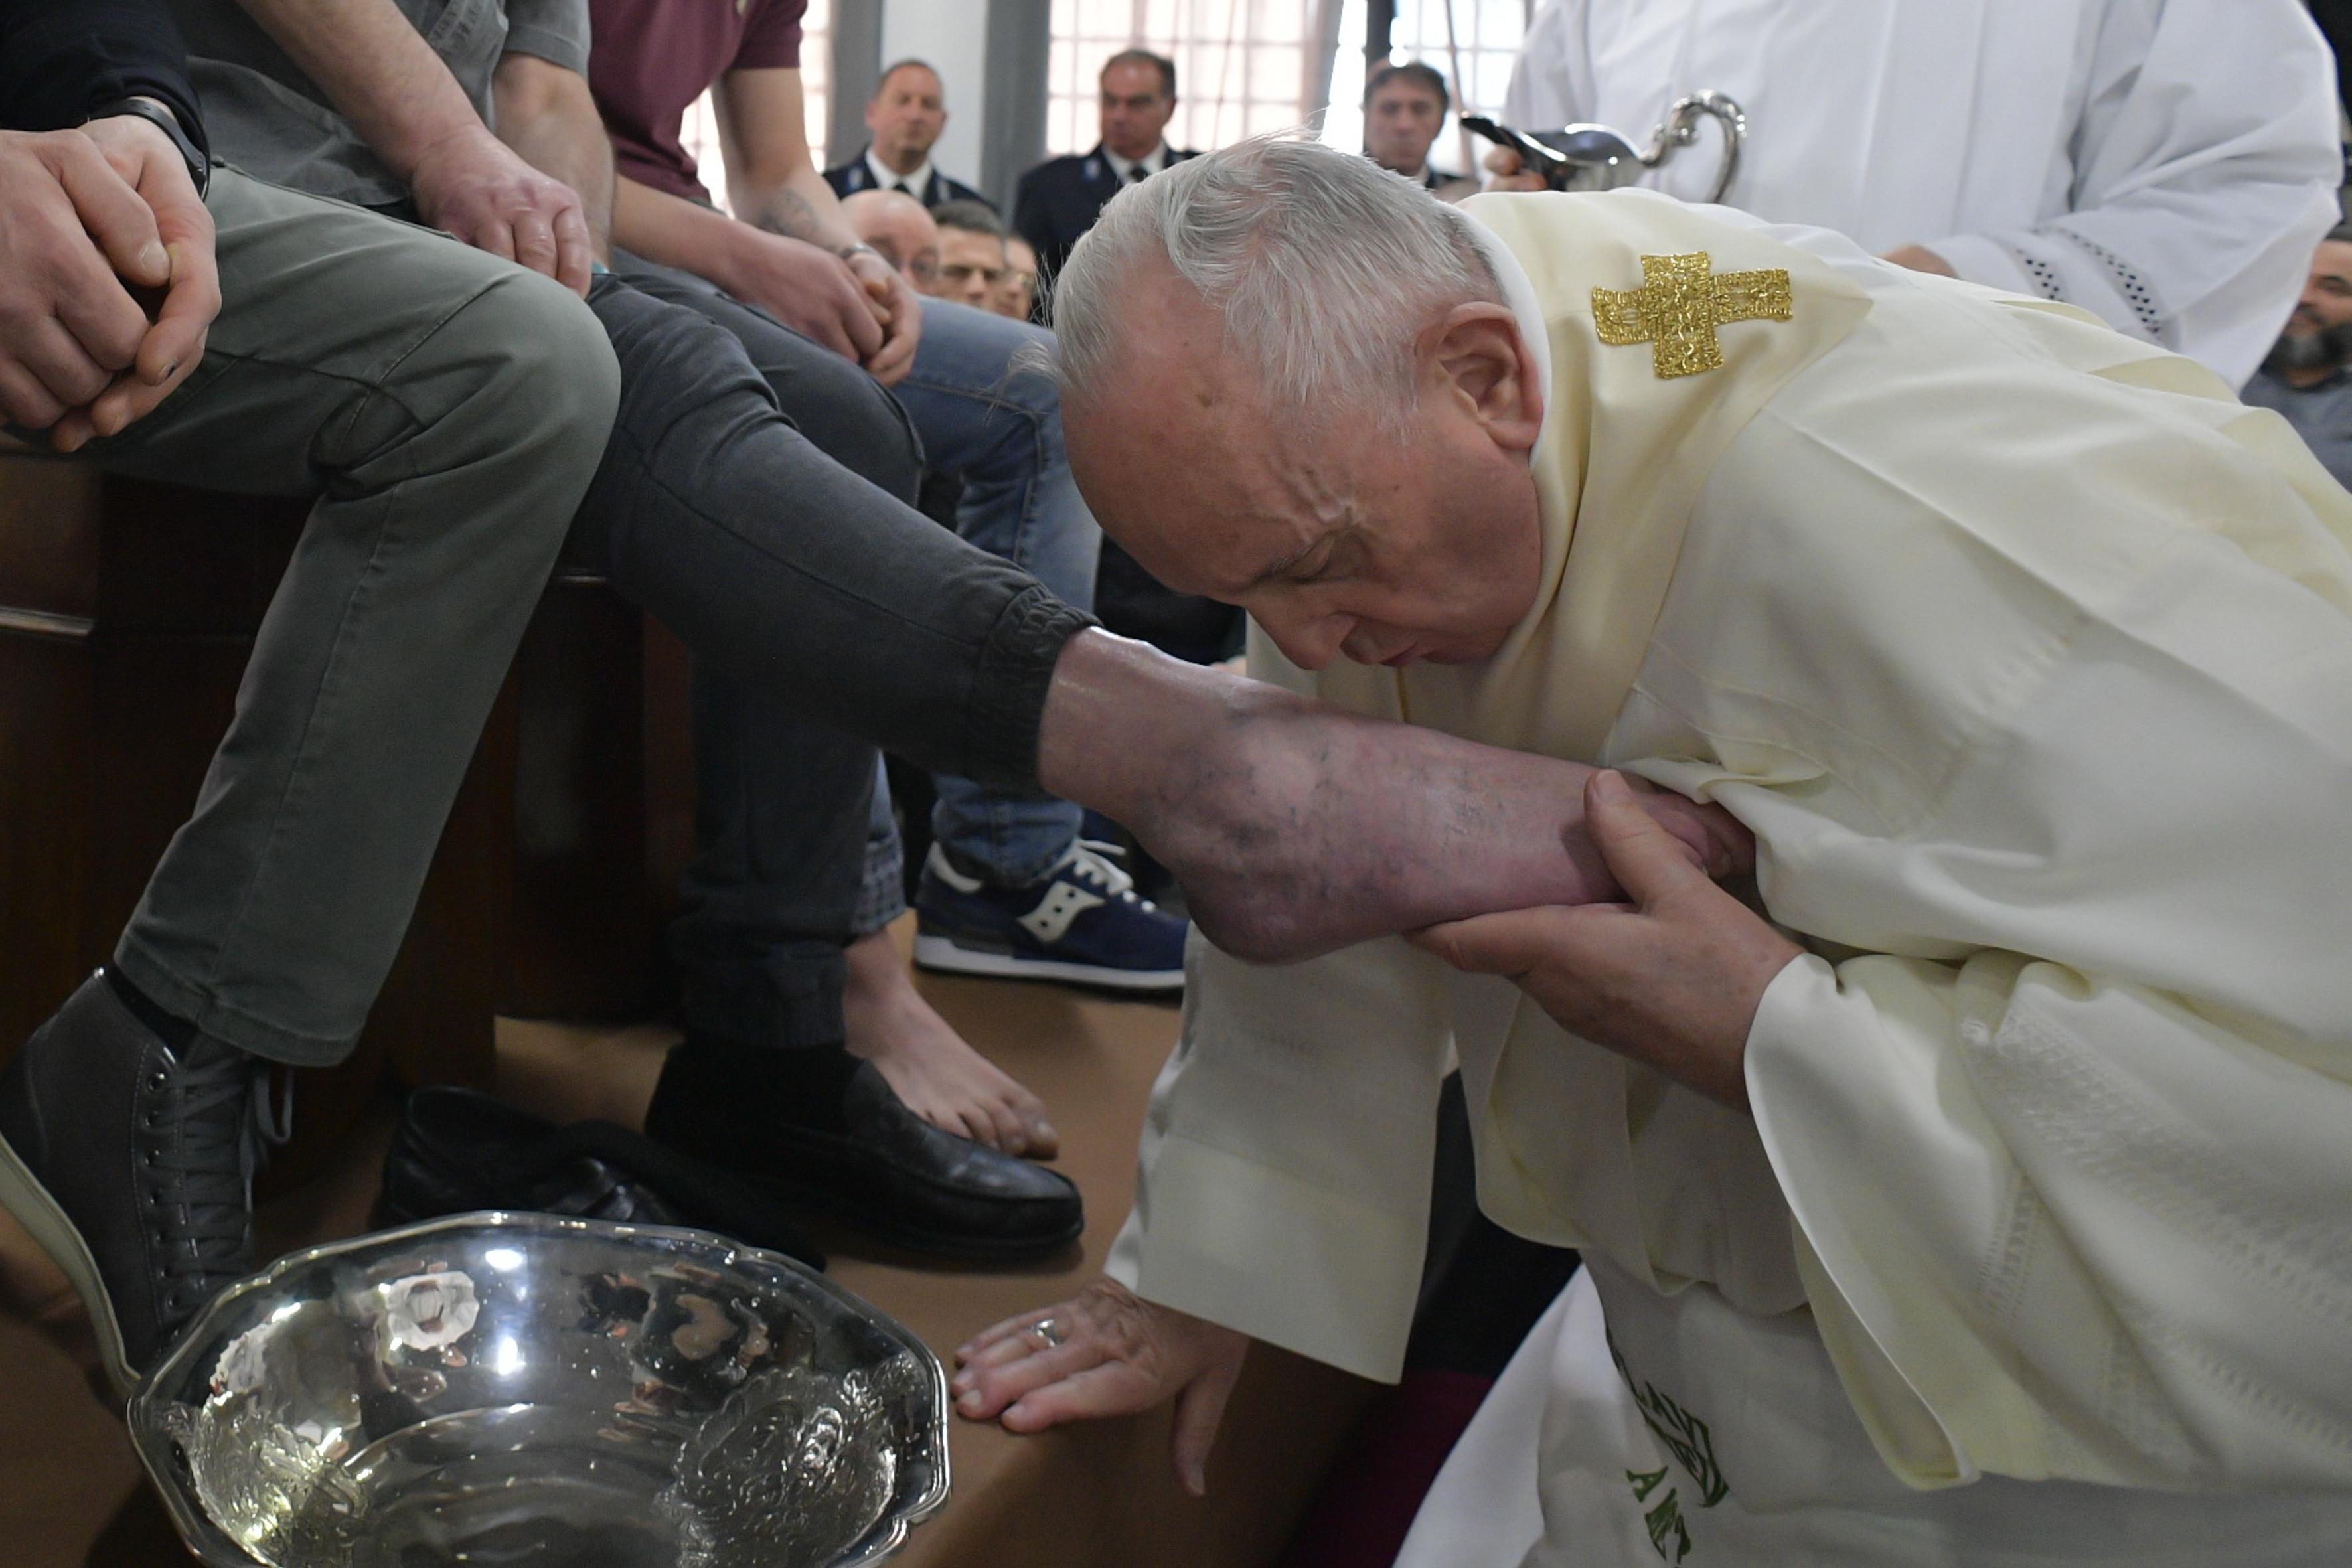 Francisco besa el pie de un preso de Velletri, Roma, el Jueves Santo, 18 abril 2019 © Vatican Media